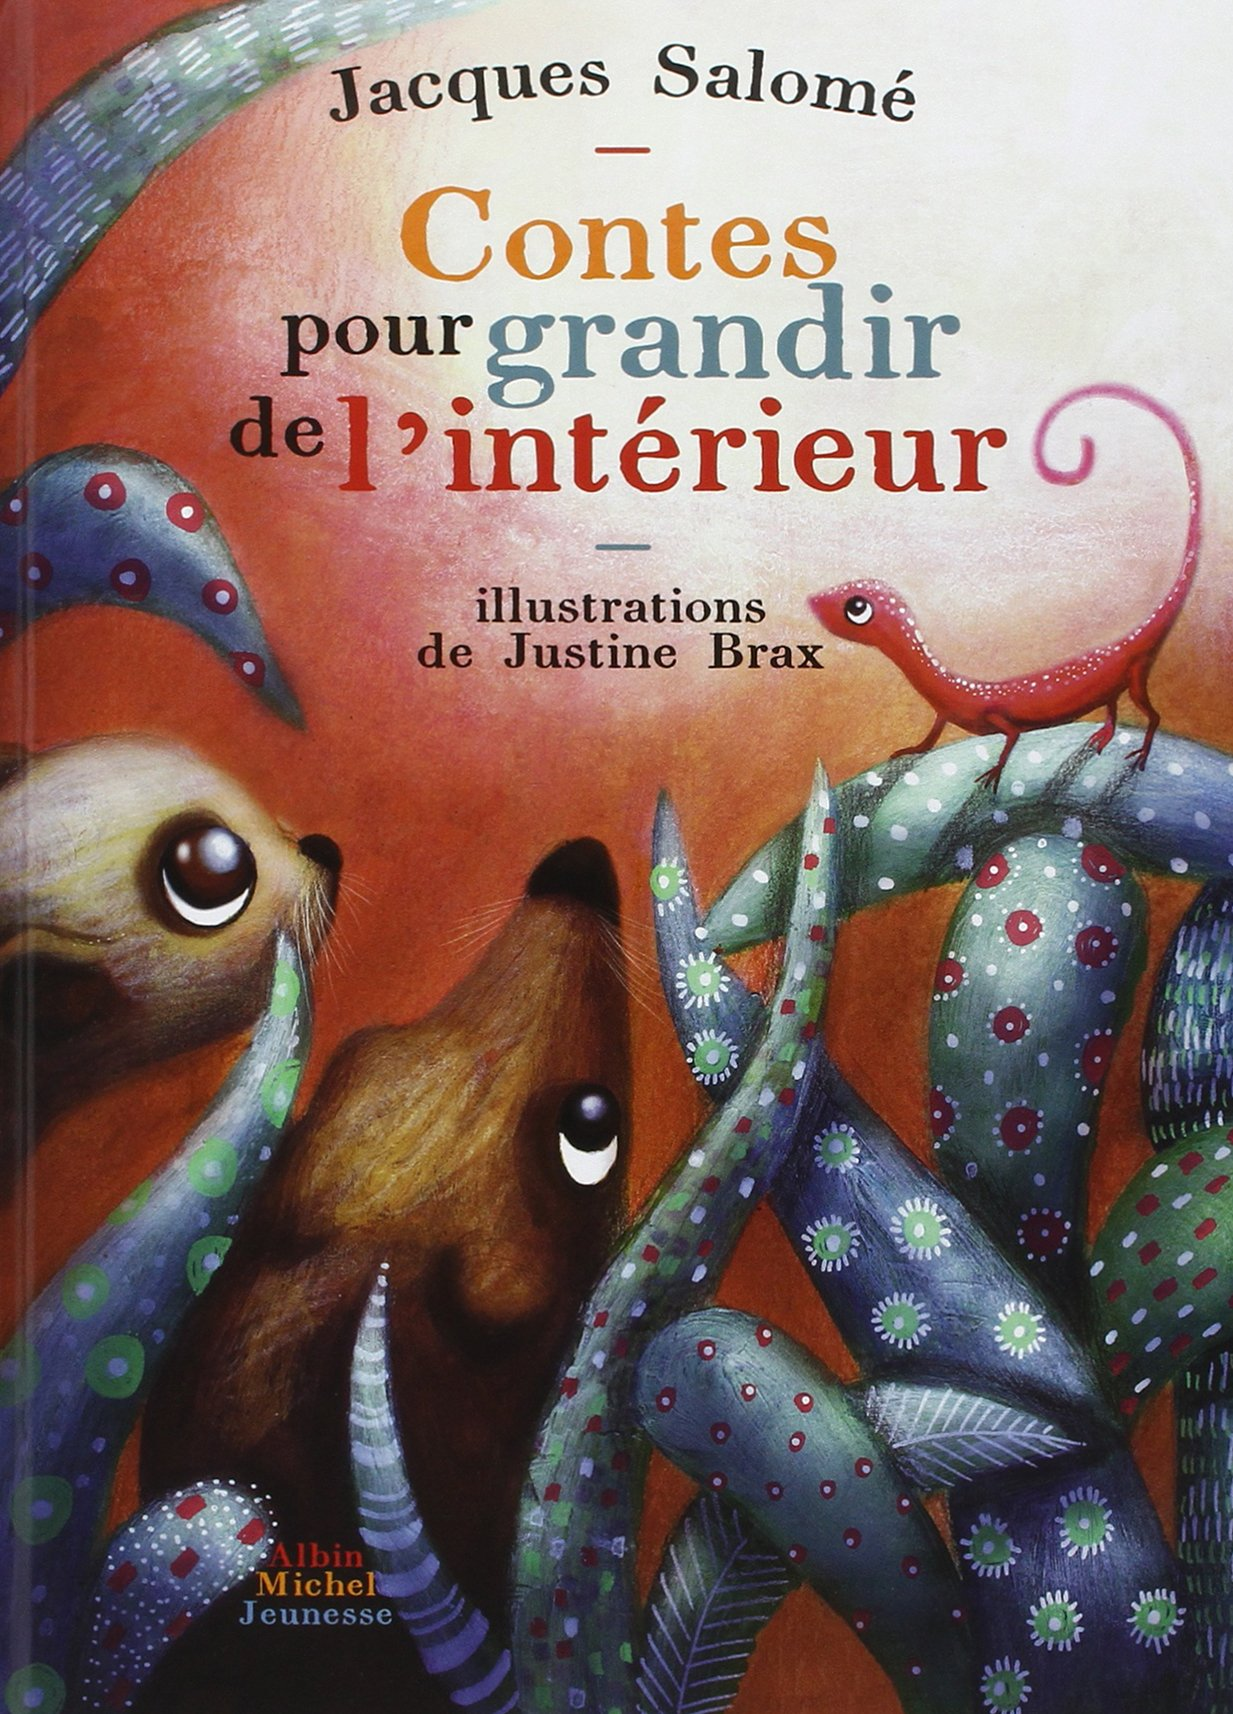 Contes pour grandir de l'intérieur Album – 3 janvier 2014 Jacques Salomé Justine Brax Albin Michel 2226255303